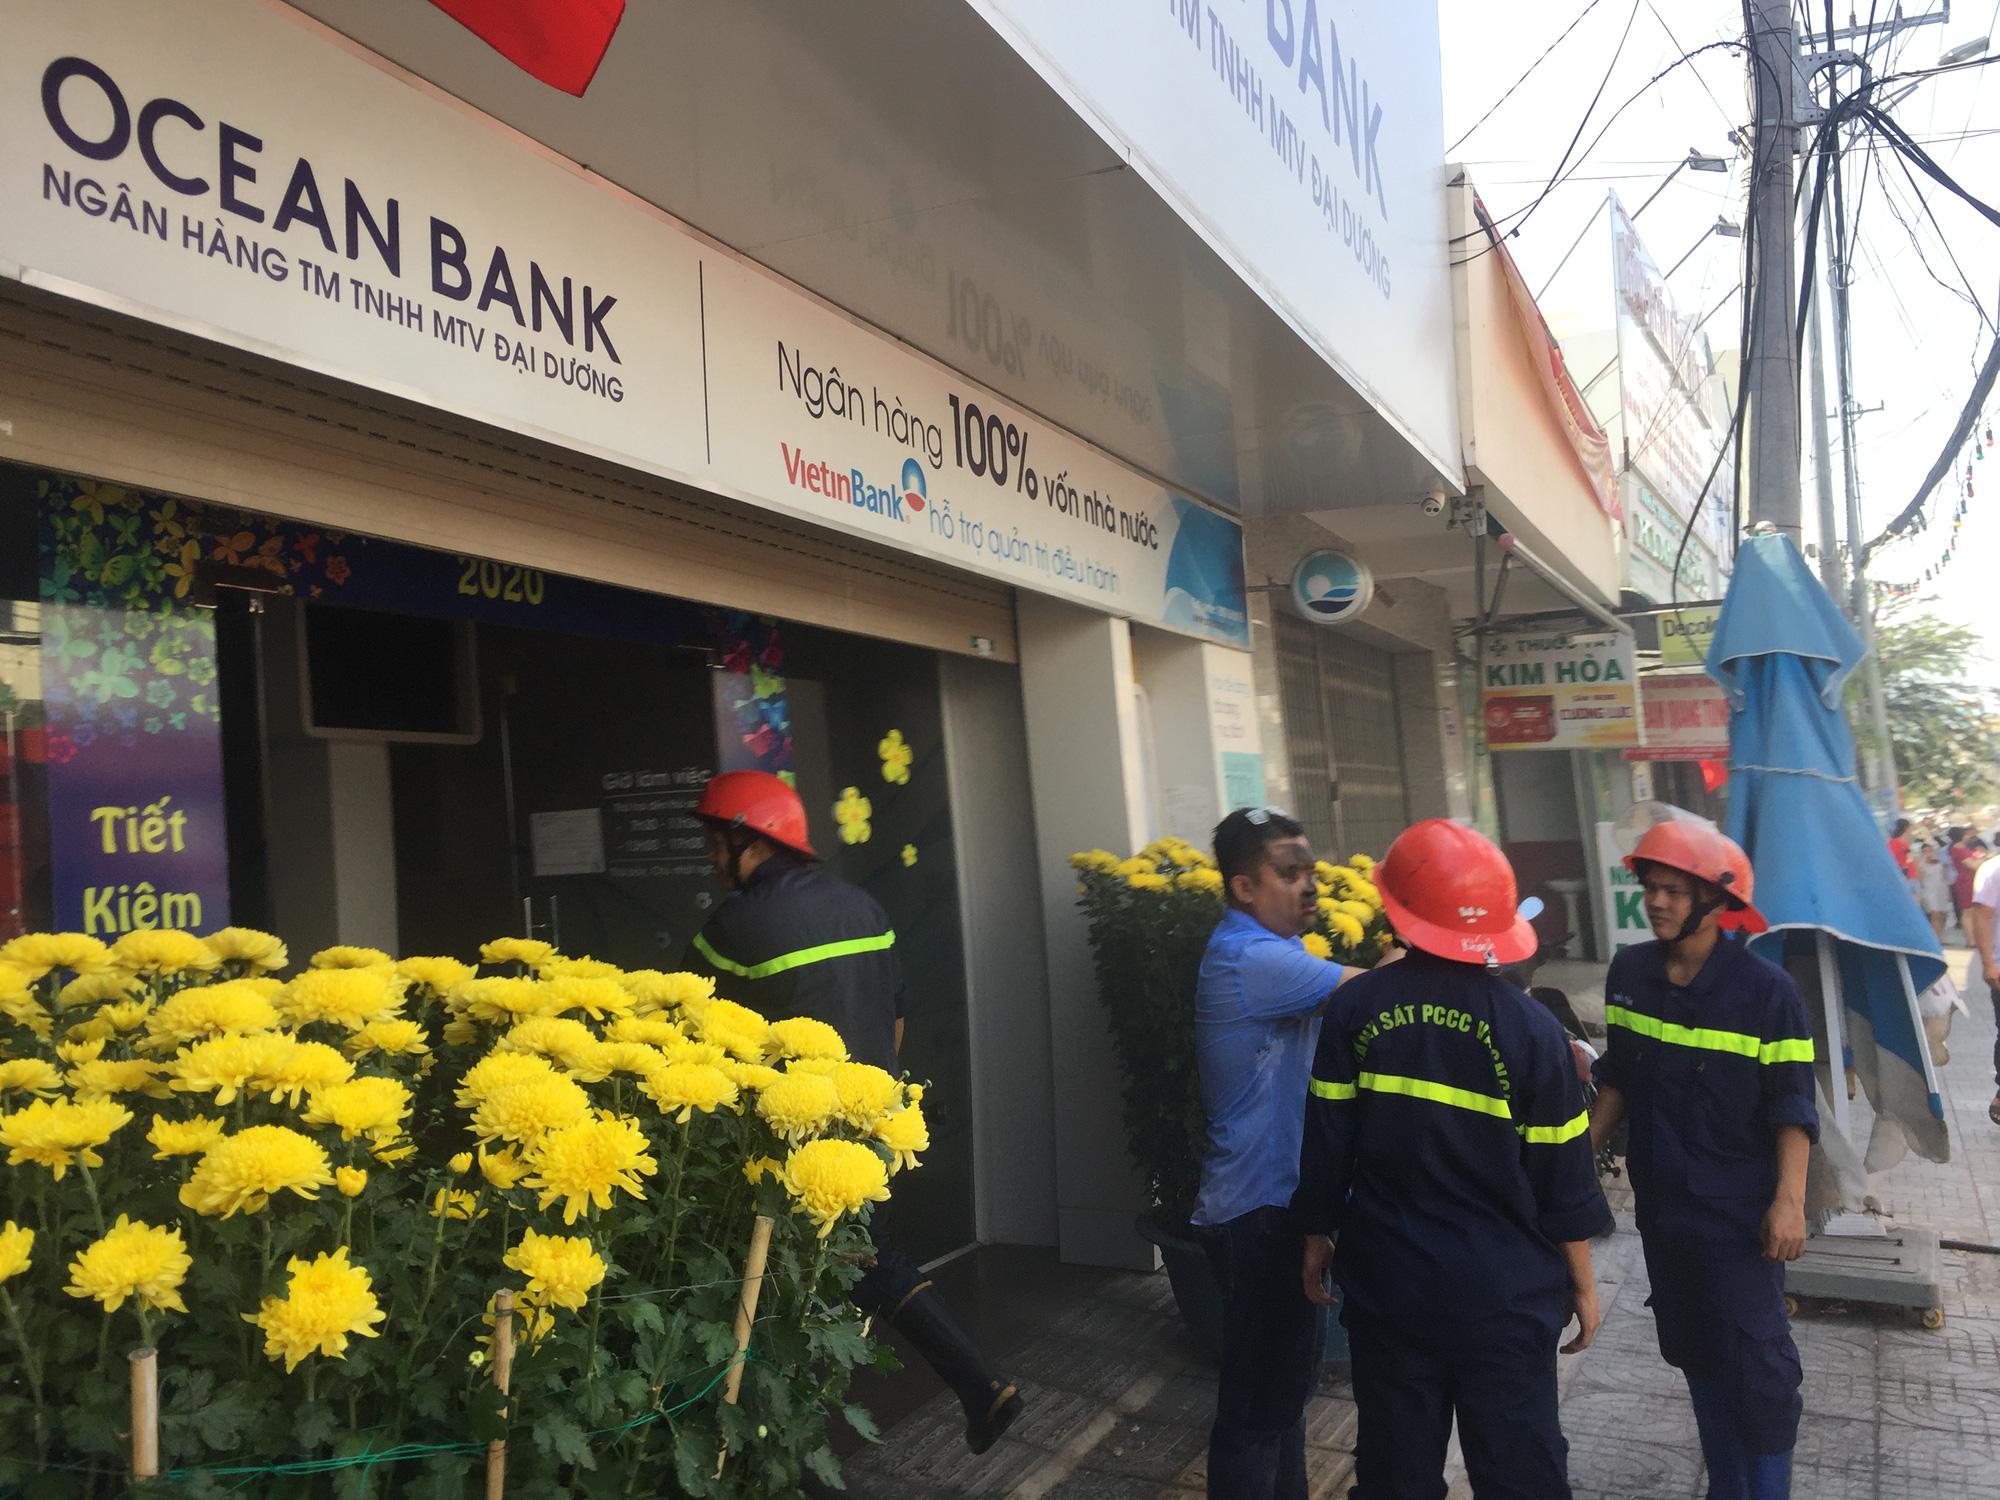 TP Vũng Tàu: Cháy tại chi nhánh ngân hàng Ocean Bank trưa mùng 3 Tết - Ảnh 1.